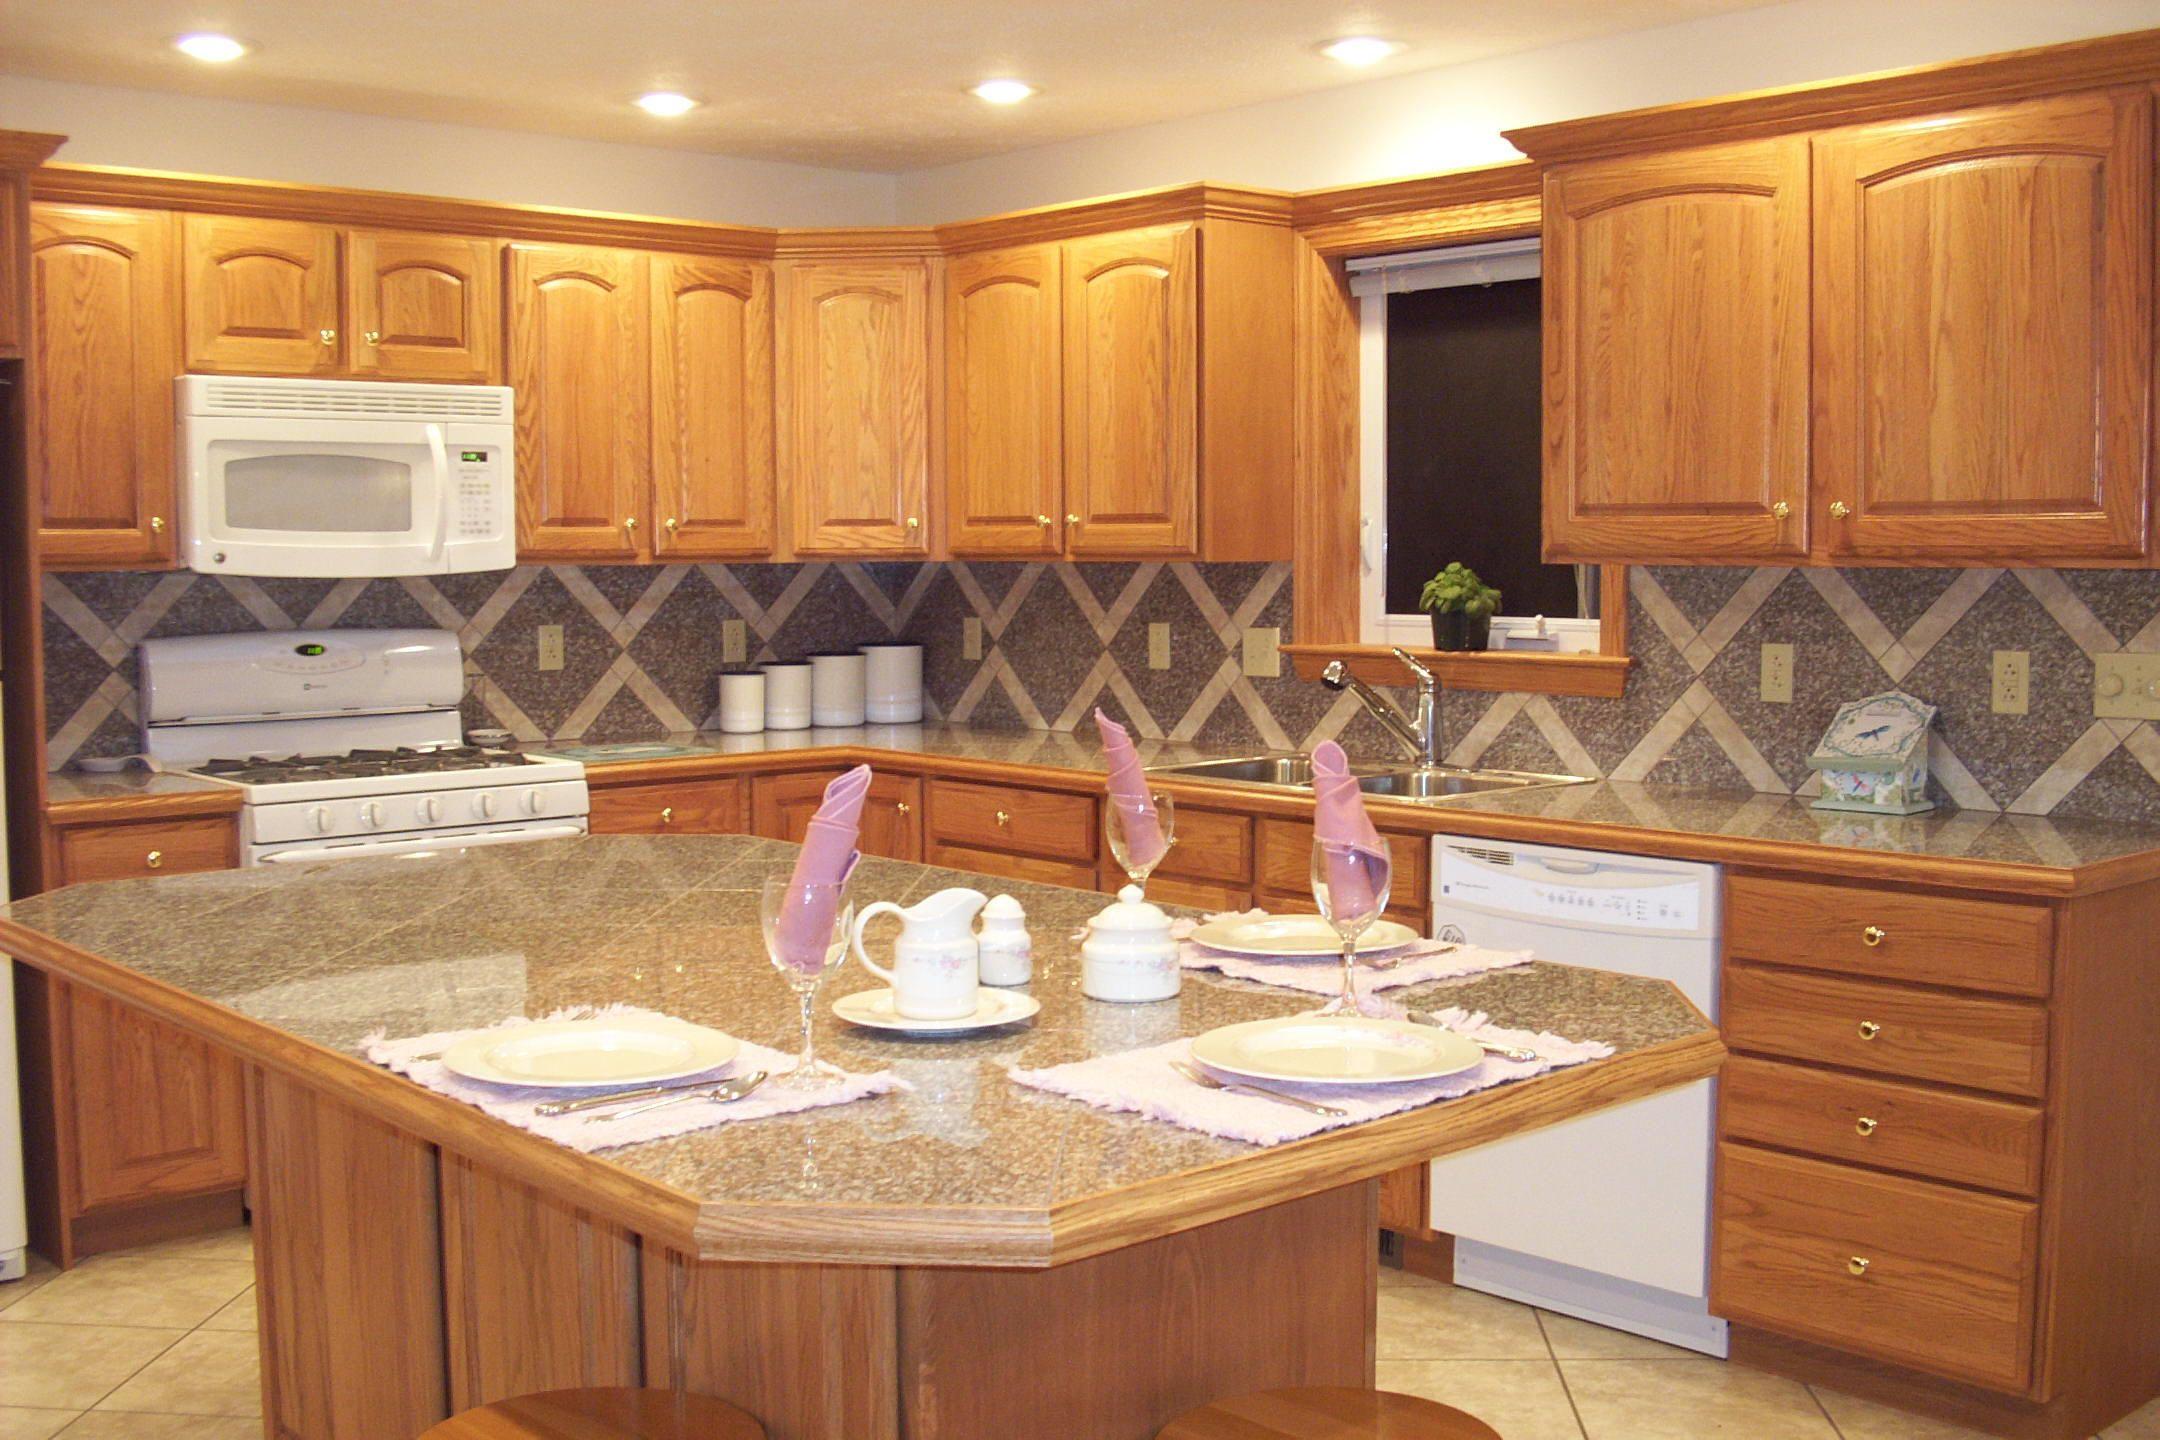 1000 Images Kitchens Ontile Kitchen. Kitchen Island Storage Ideas. 268 Kitchen Ideas Ondream Kitchens. 15 Wonderful Diy Ideas To Upgrade The Kitchen10 Diy Kitchen